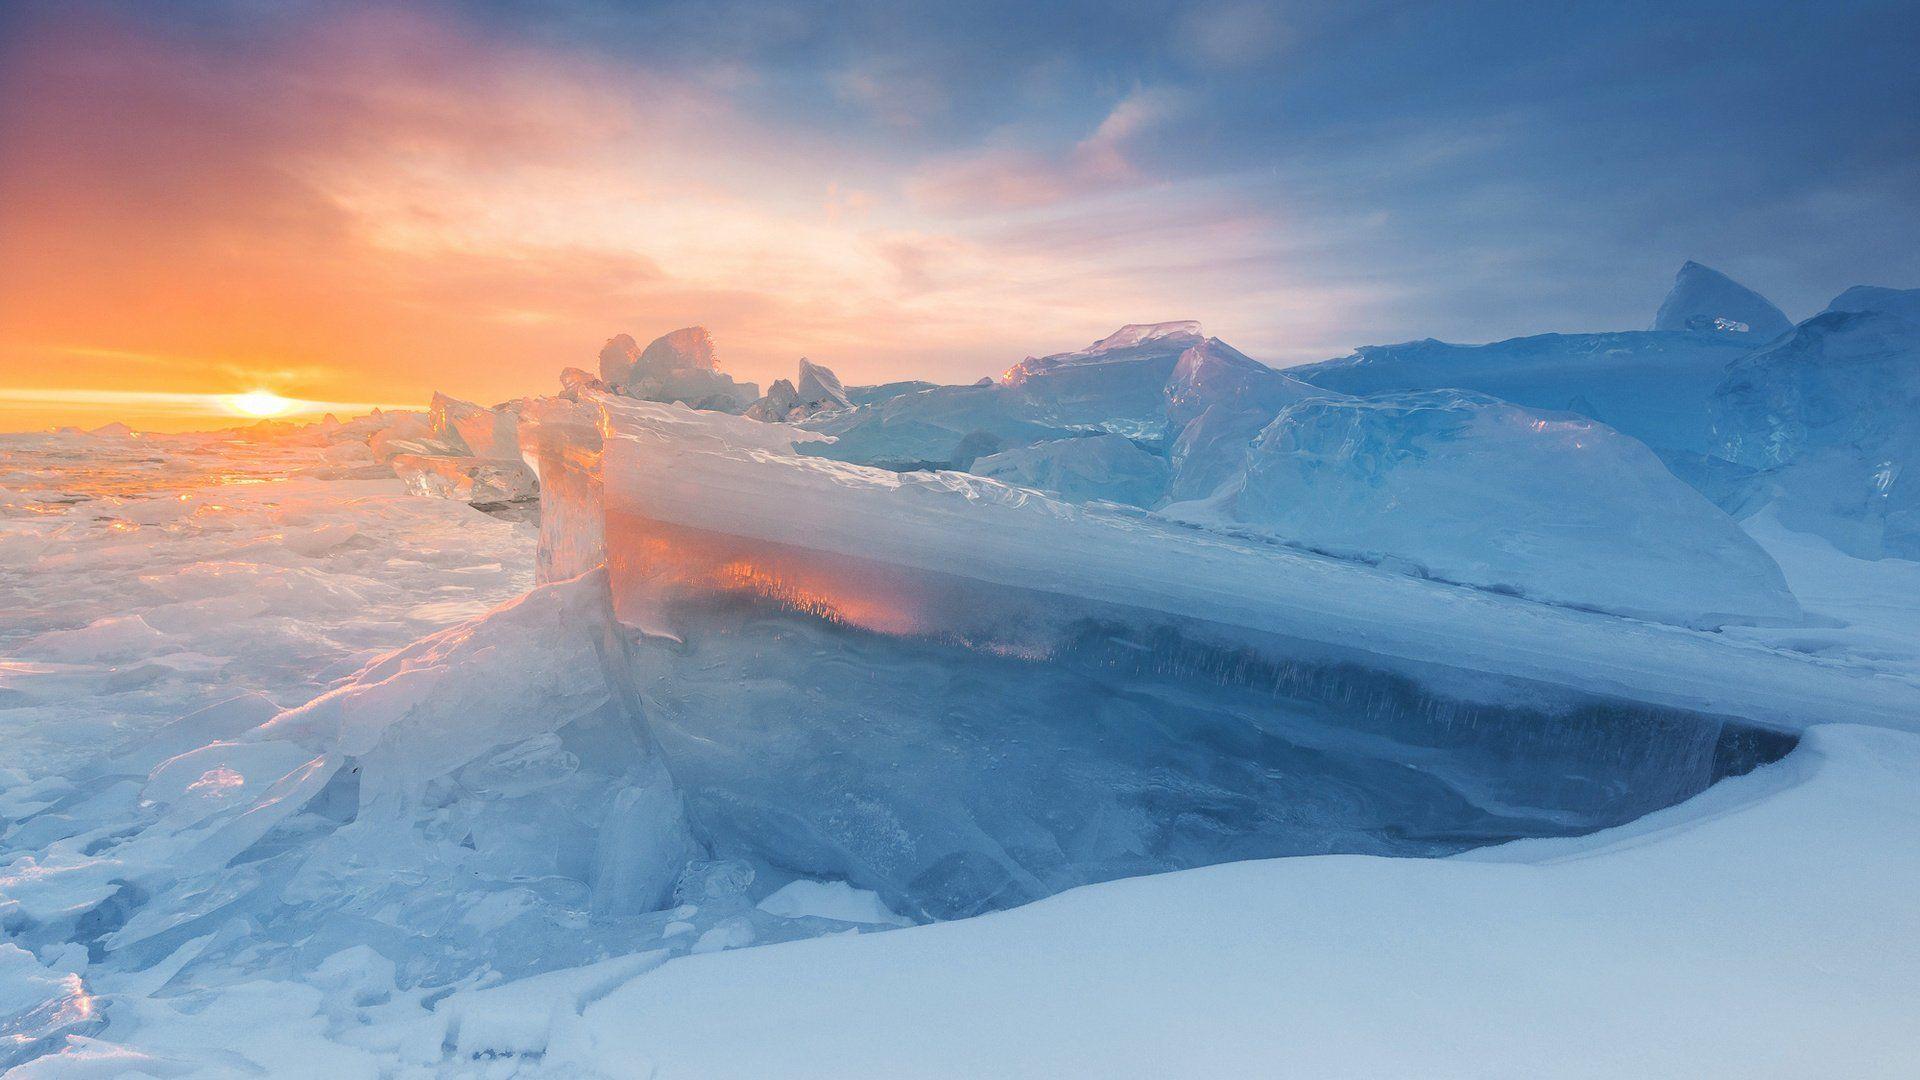 The Baikal Winter Ice